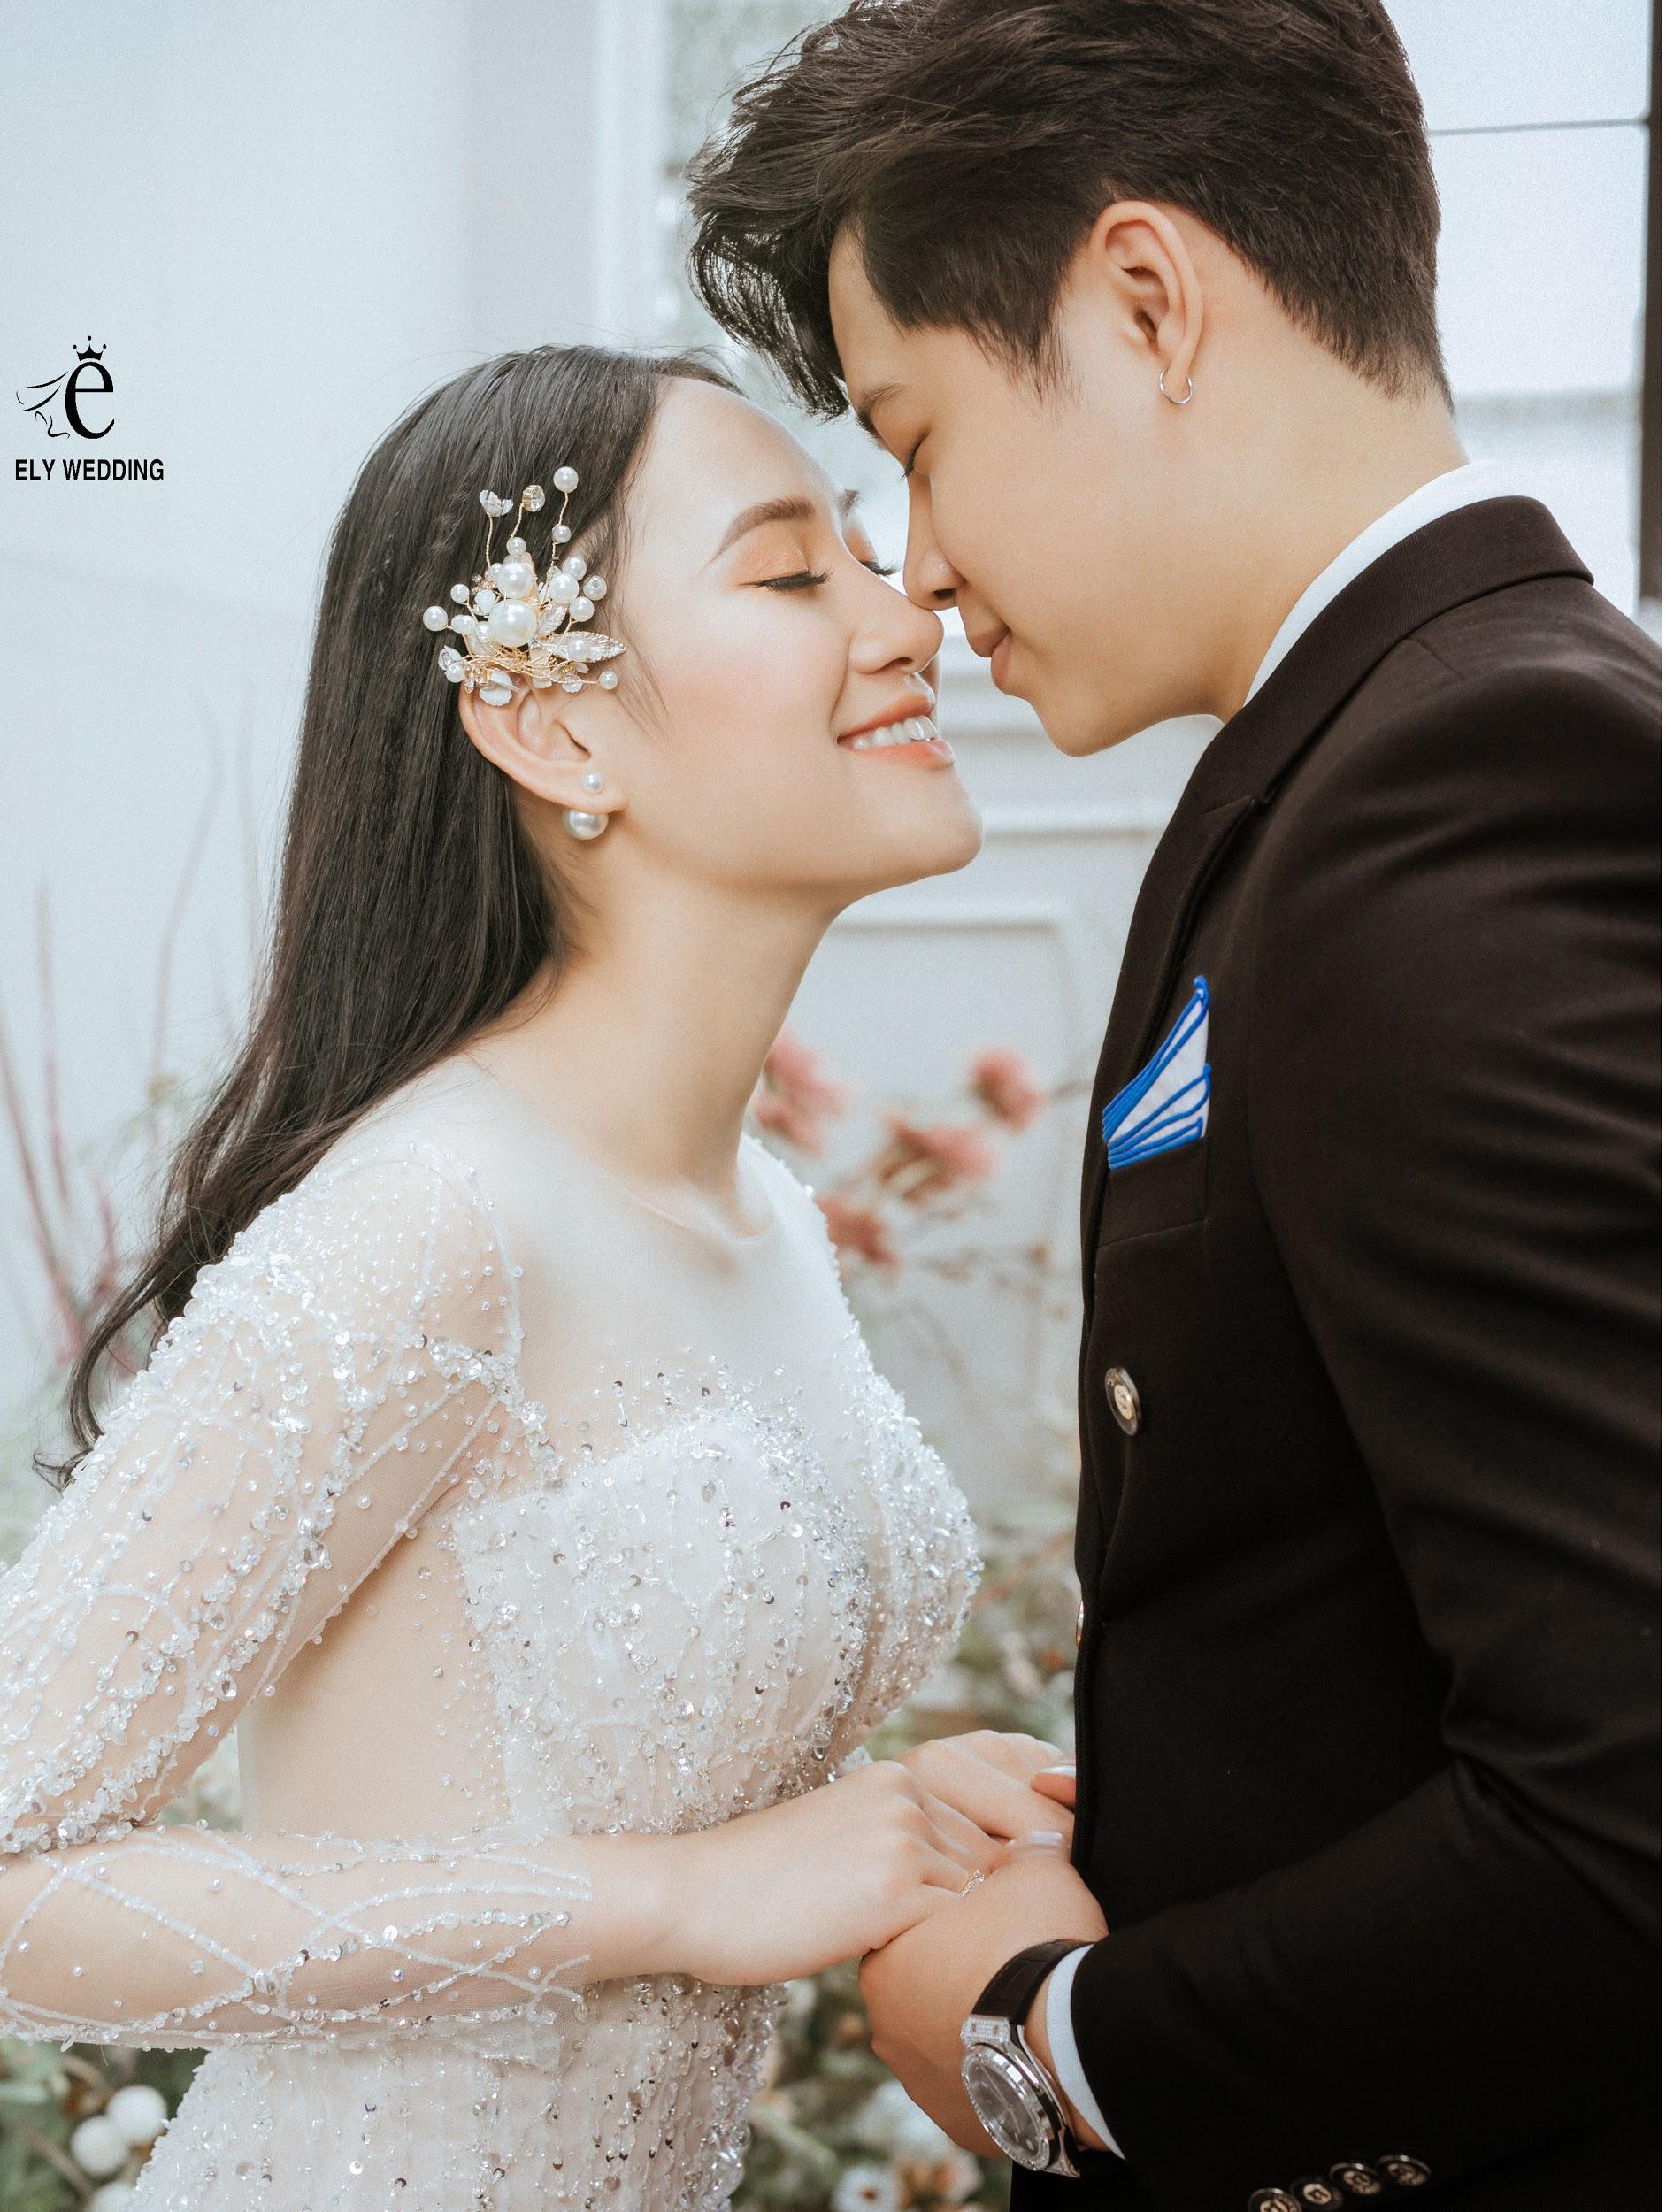 Bộ ảnh cưới siêu hot của Kiếm thủ Lê Minh Hằng - Em gái quốc dân làng thể thao Việt Nam - Ảnh 6.